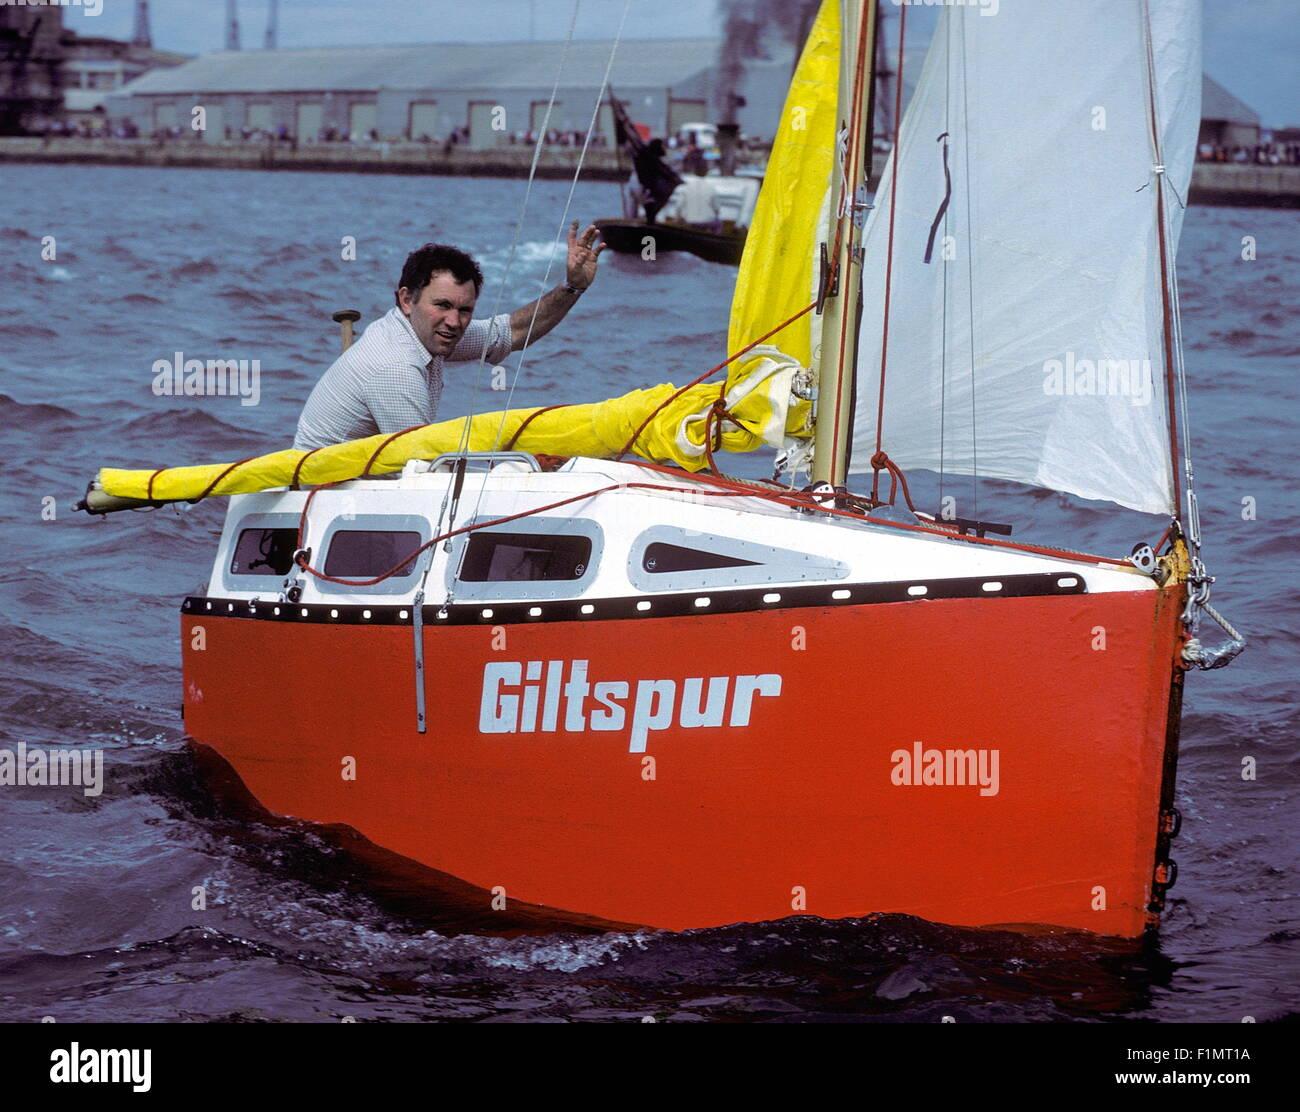 AJAX Noticias Fotos - 1983 - navegante solitario - TOM McCLEAN, que navegó el Atlántico con una sola mano Imagen De Stock